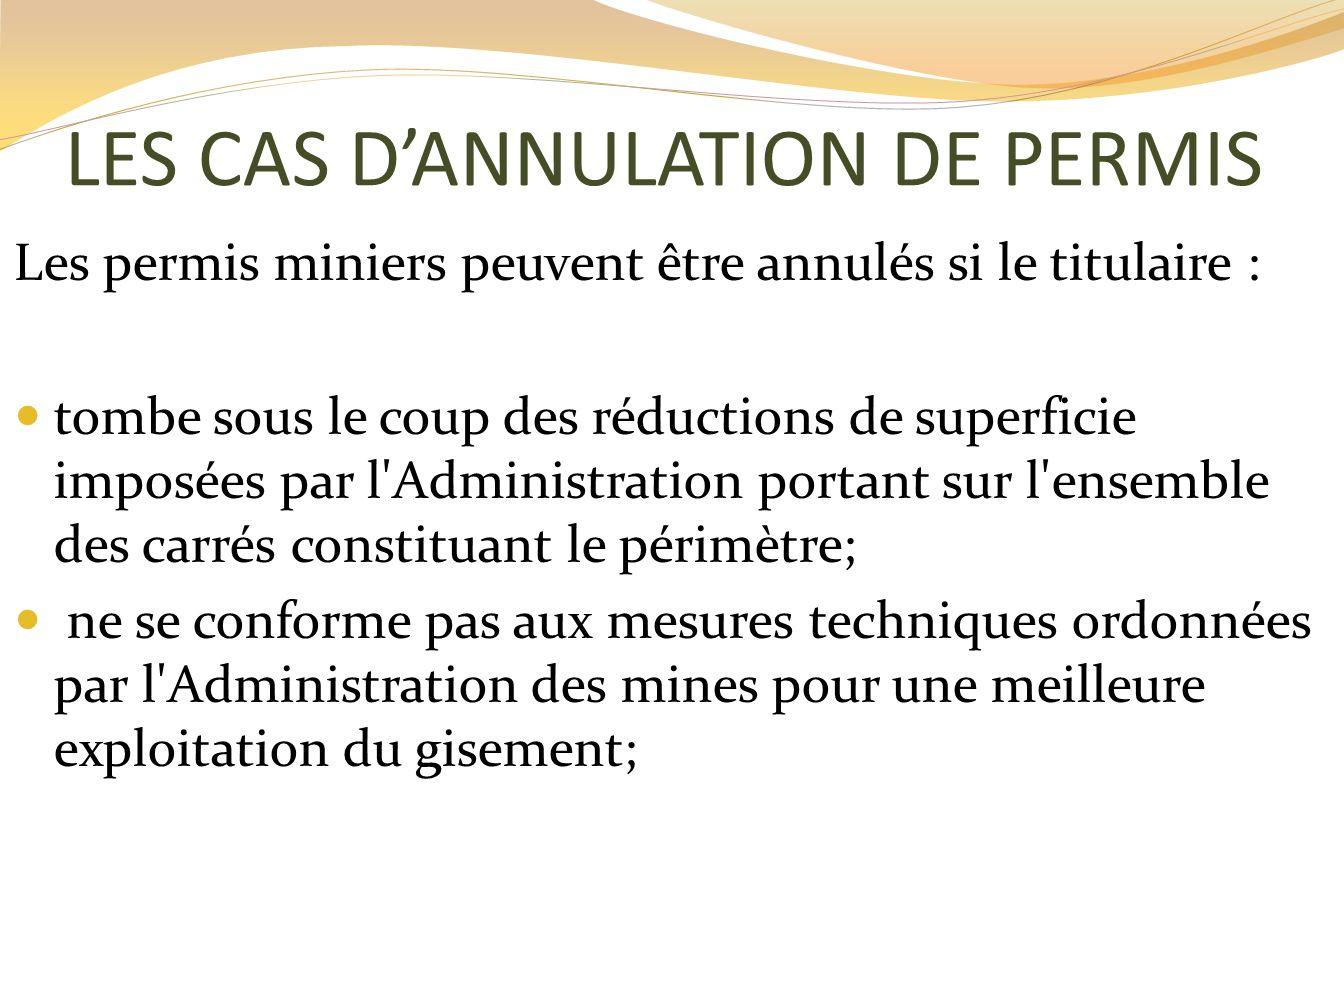 LES CAS DANNULATION DE PERMIS Les permis miniers peuvent être annulés si le titulaire : tombe sous le coup des réductions de superficie imposées par l